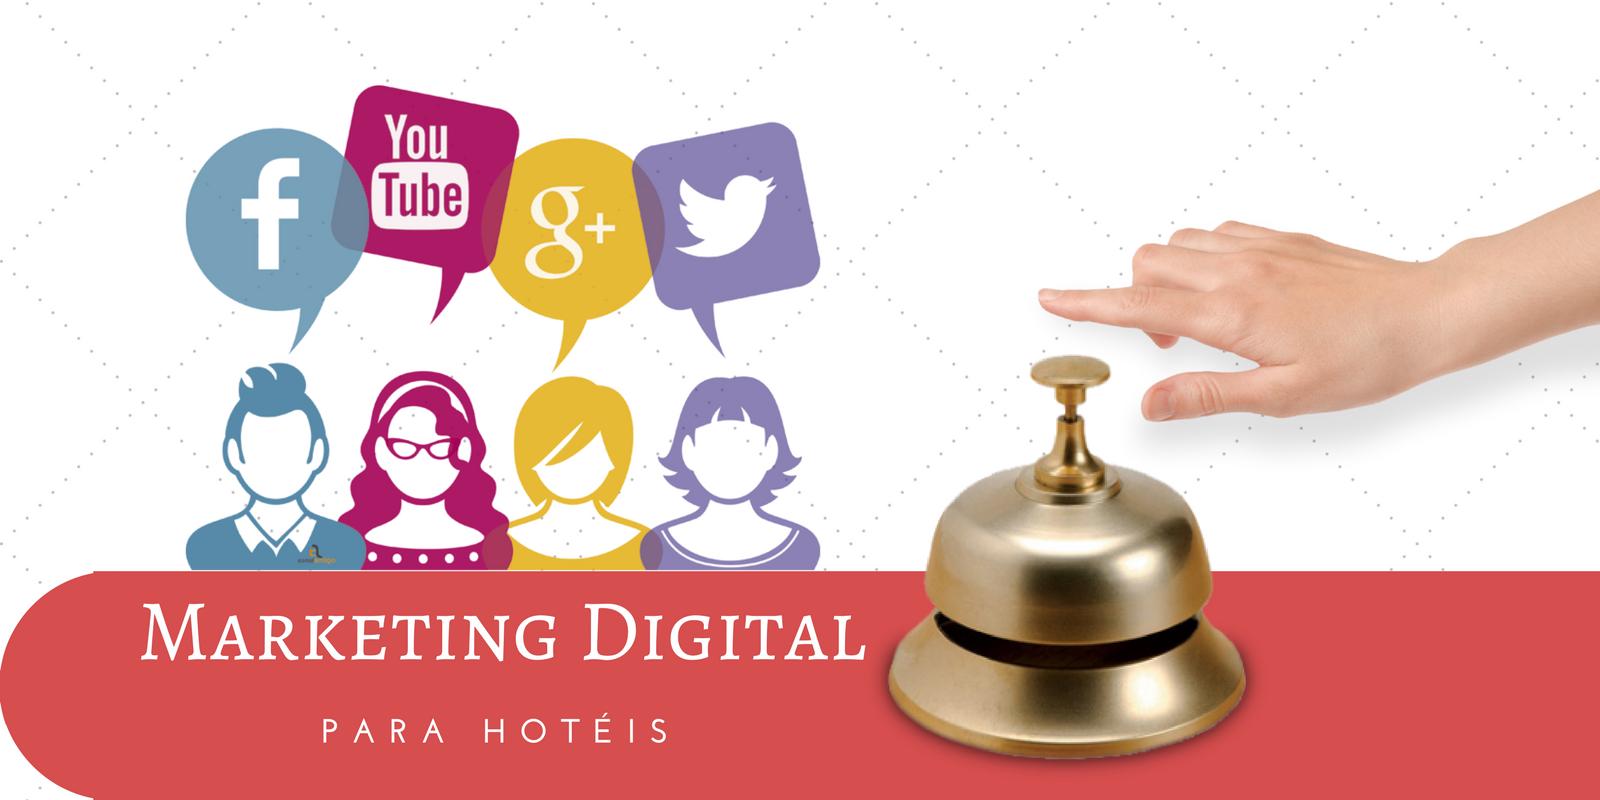 Marketing Digital para Hotéis - 5 motivos para você utilizar